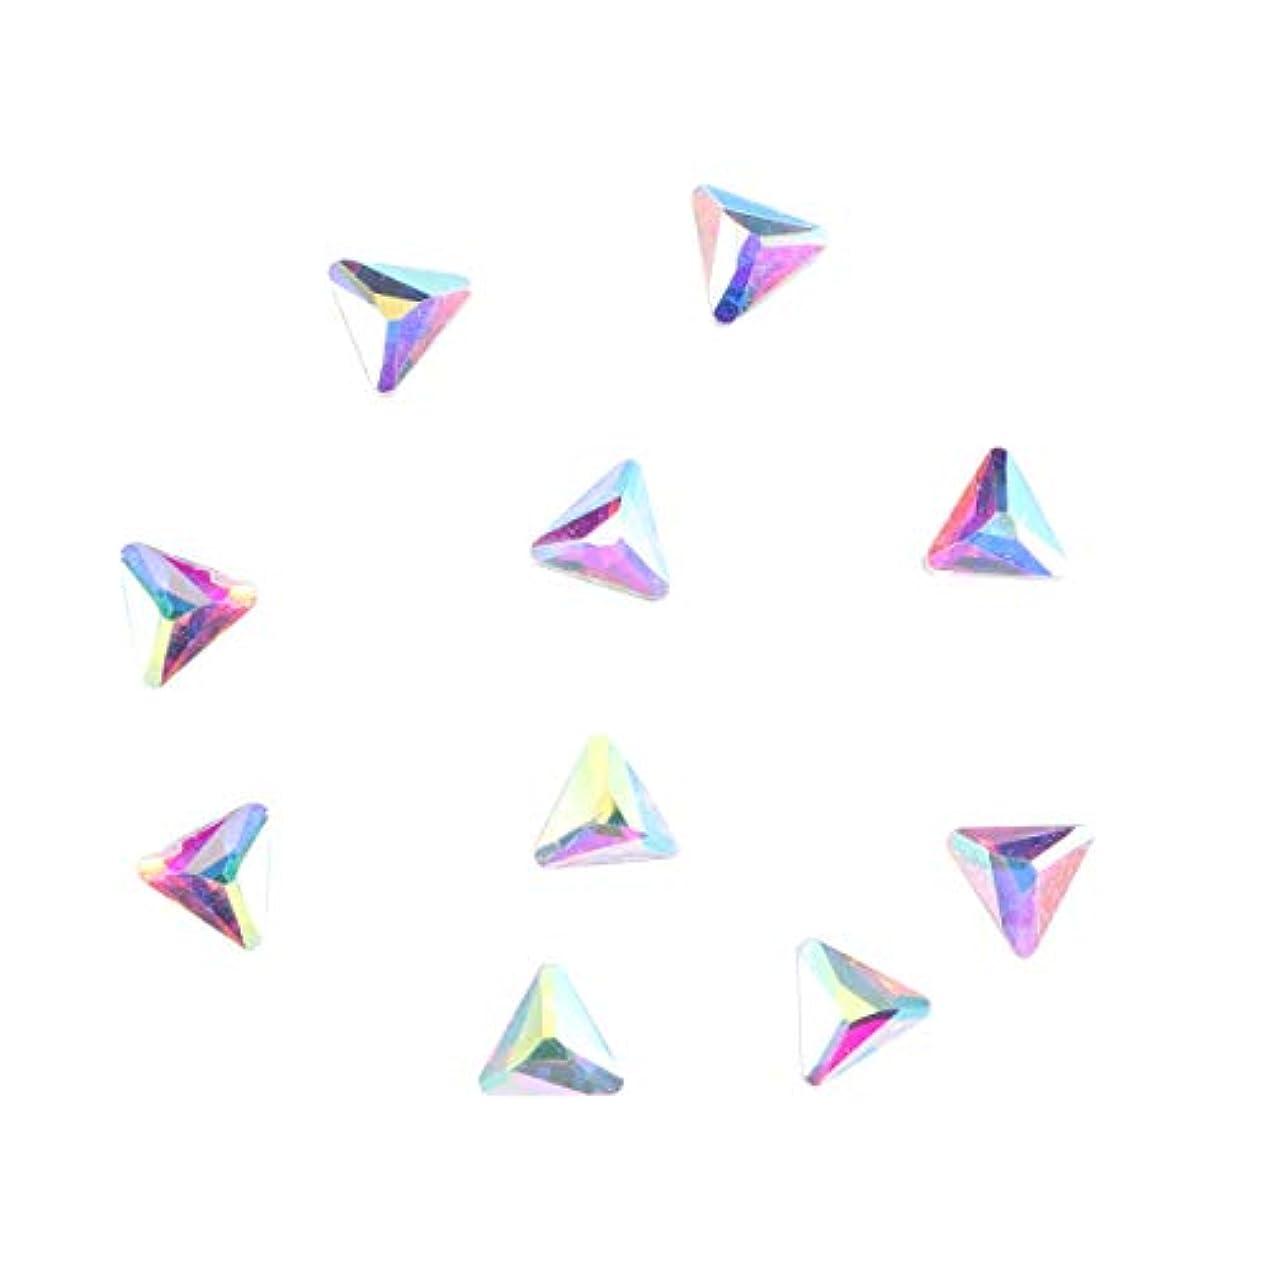 心理的に清める用心深いFrcolor ラインストーン ネイルシール ネイルアートダイヤモンド ネイルアートシールセット ネイルケアセット ネイル用品 10本(三角6*6)